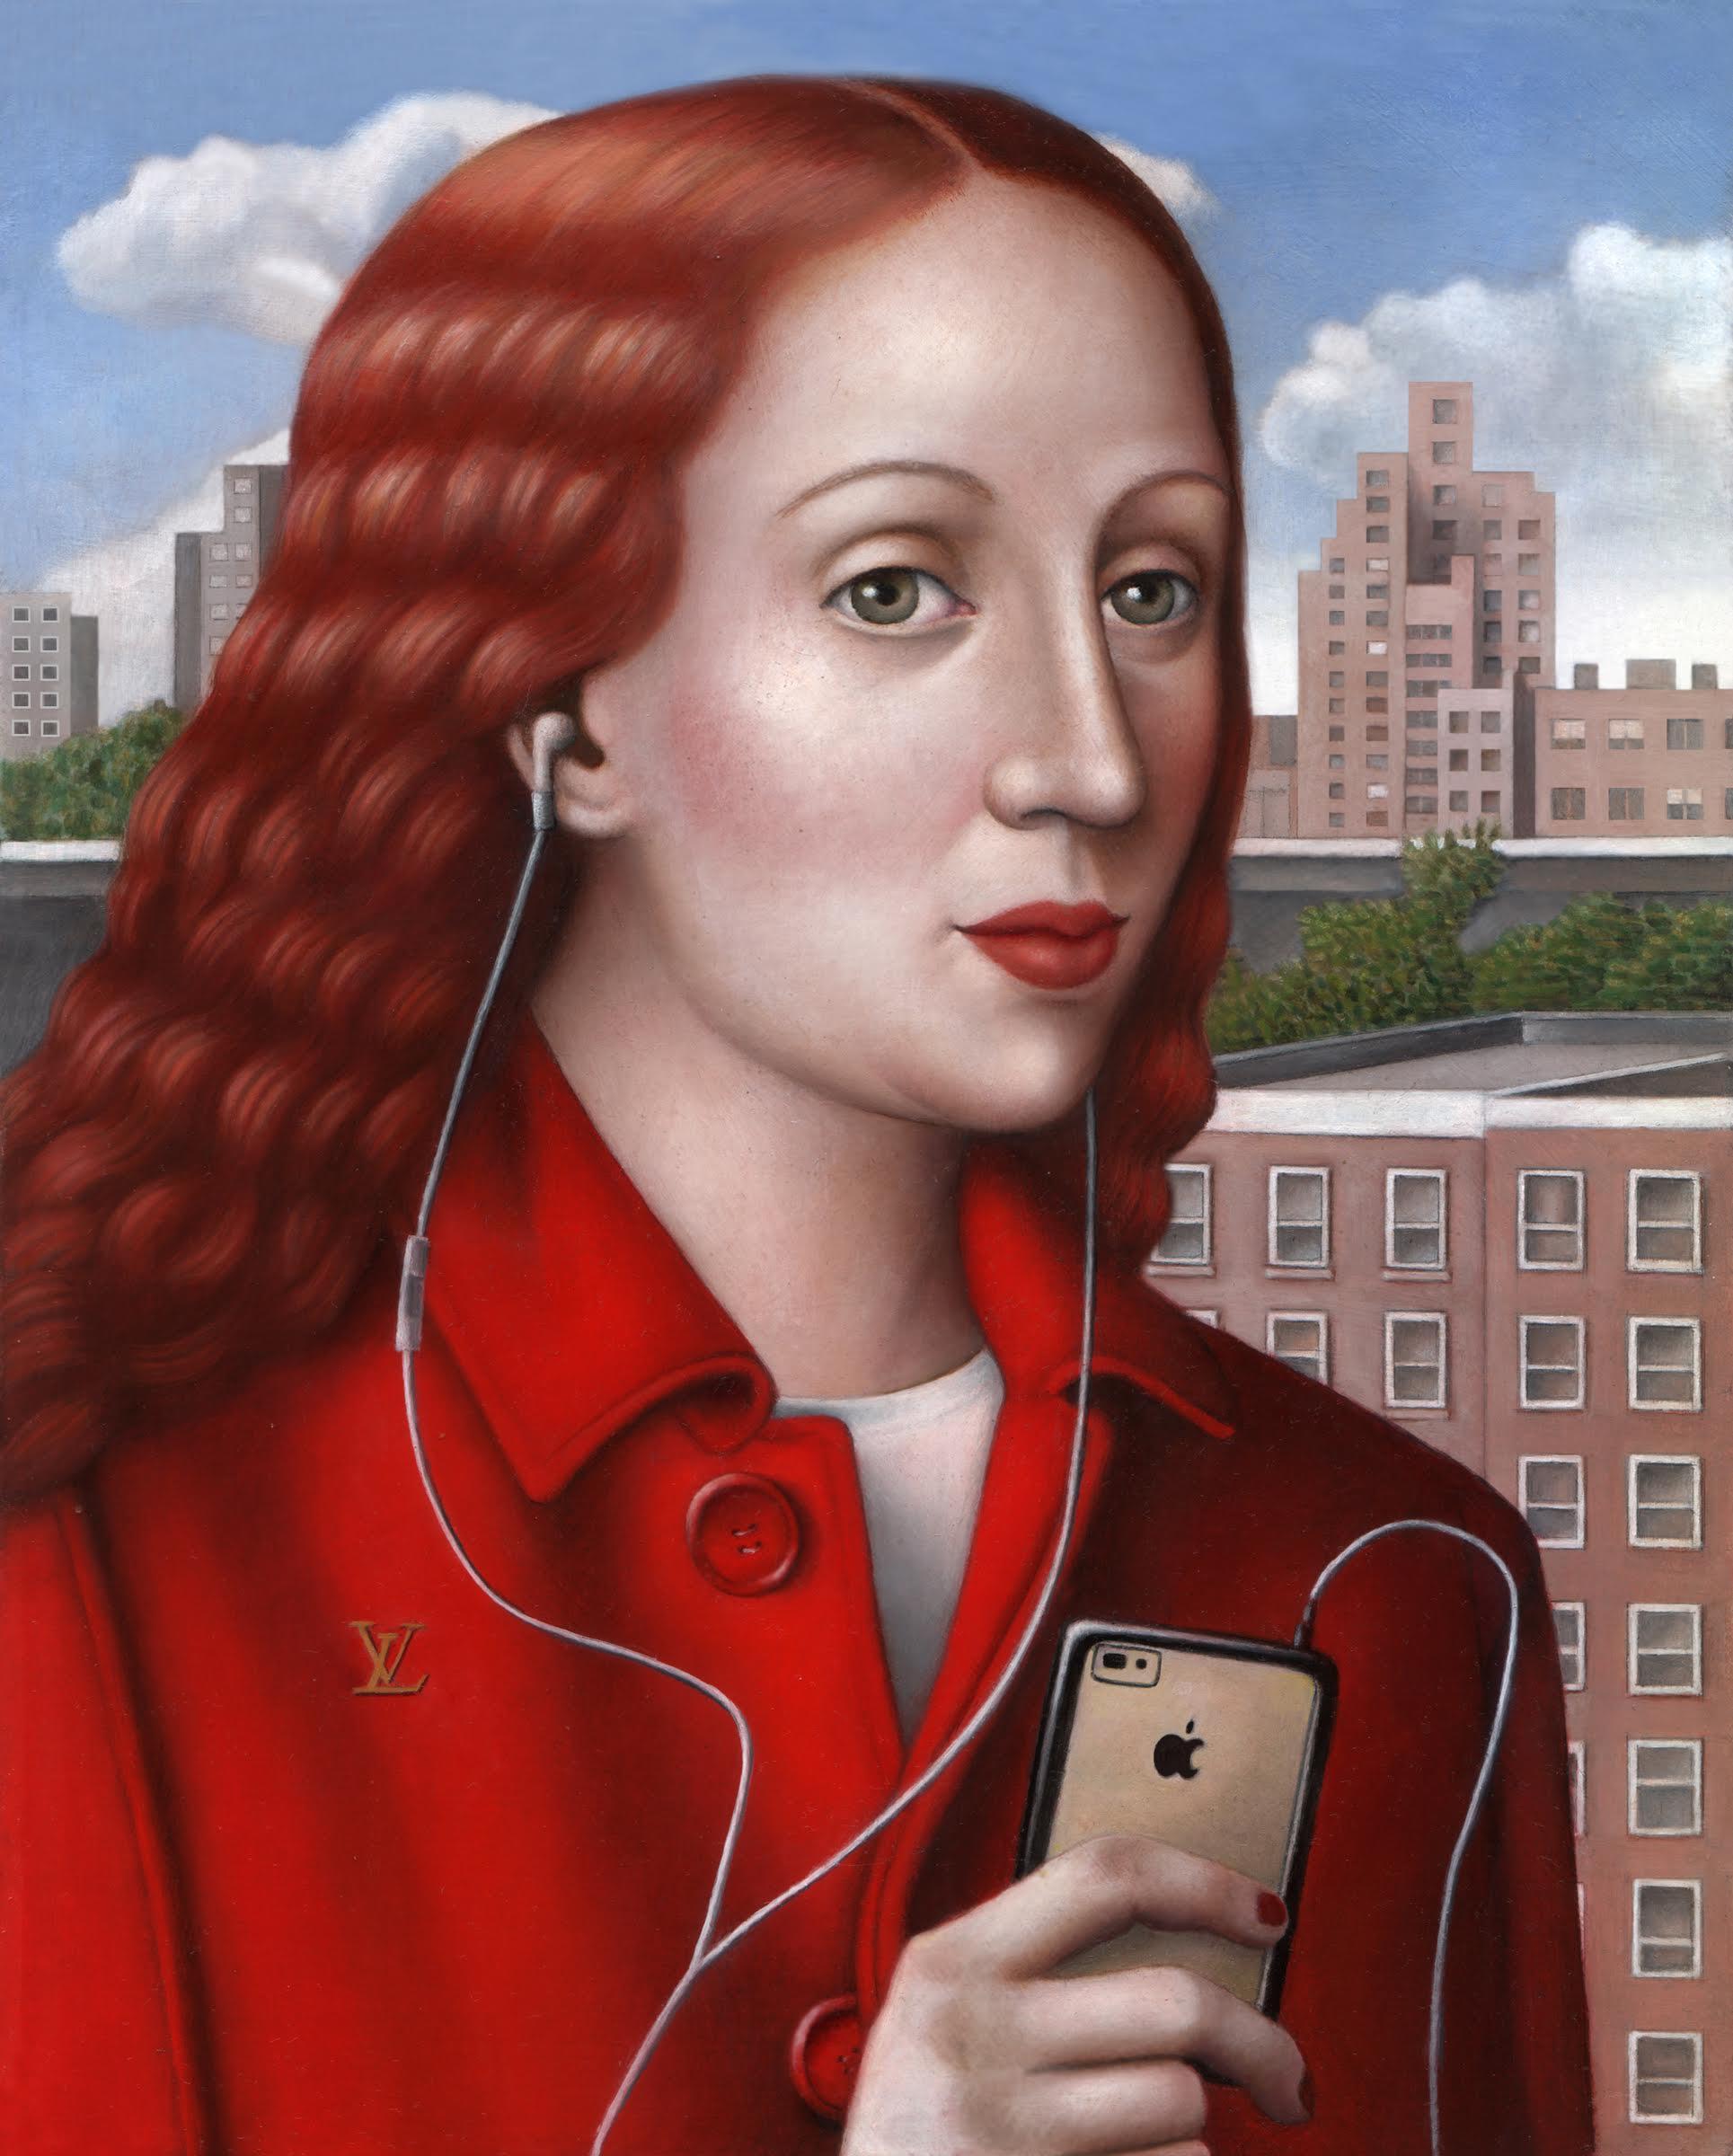 womaninredcoat